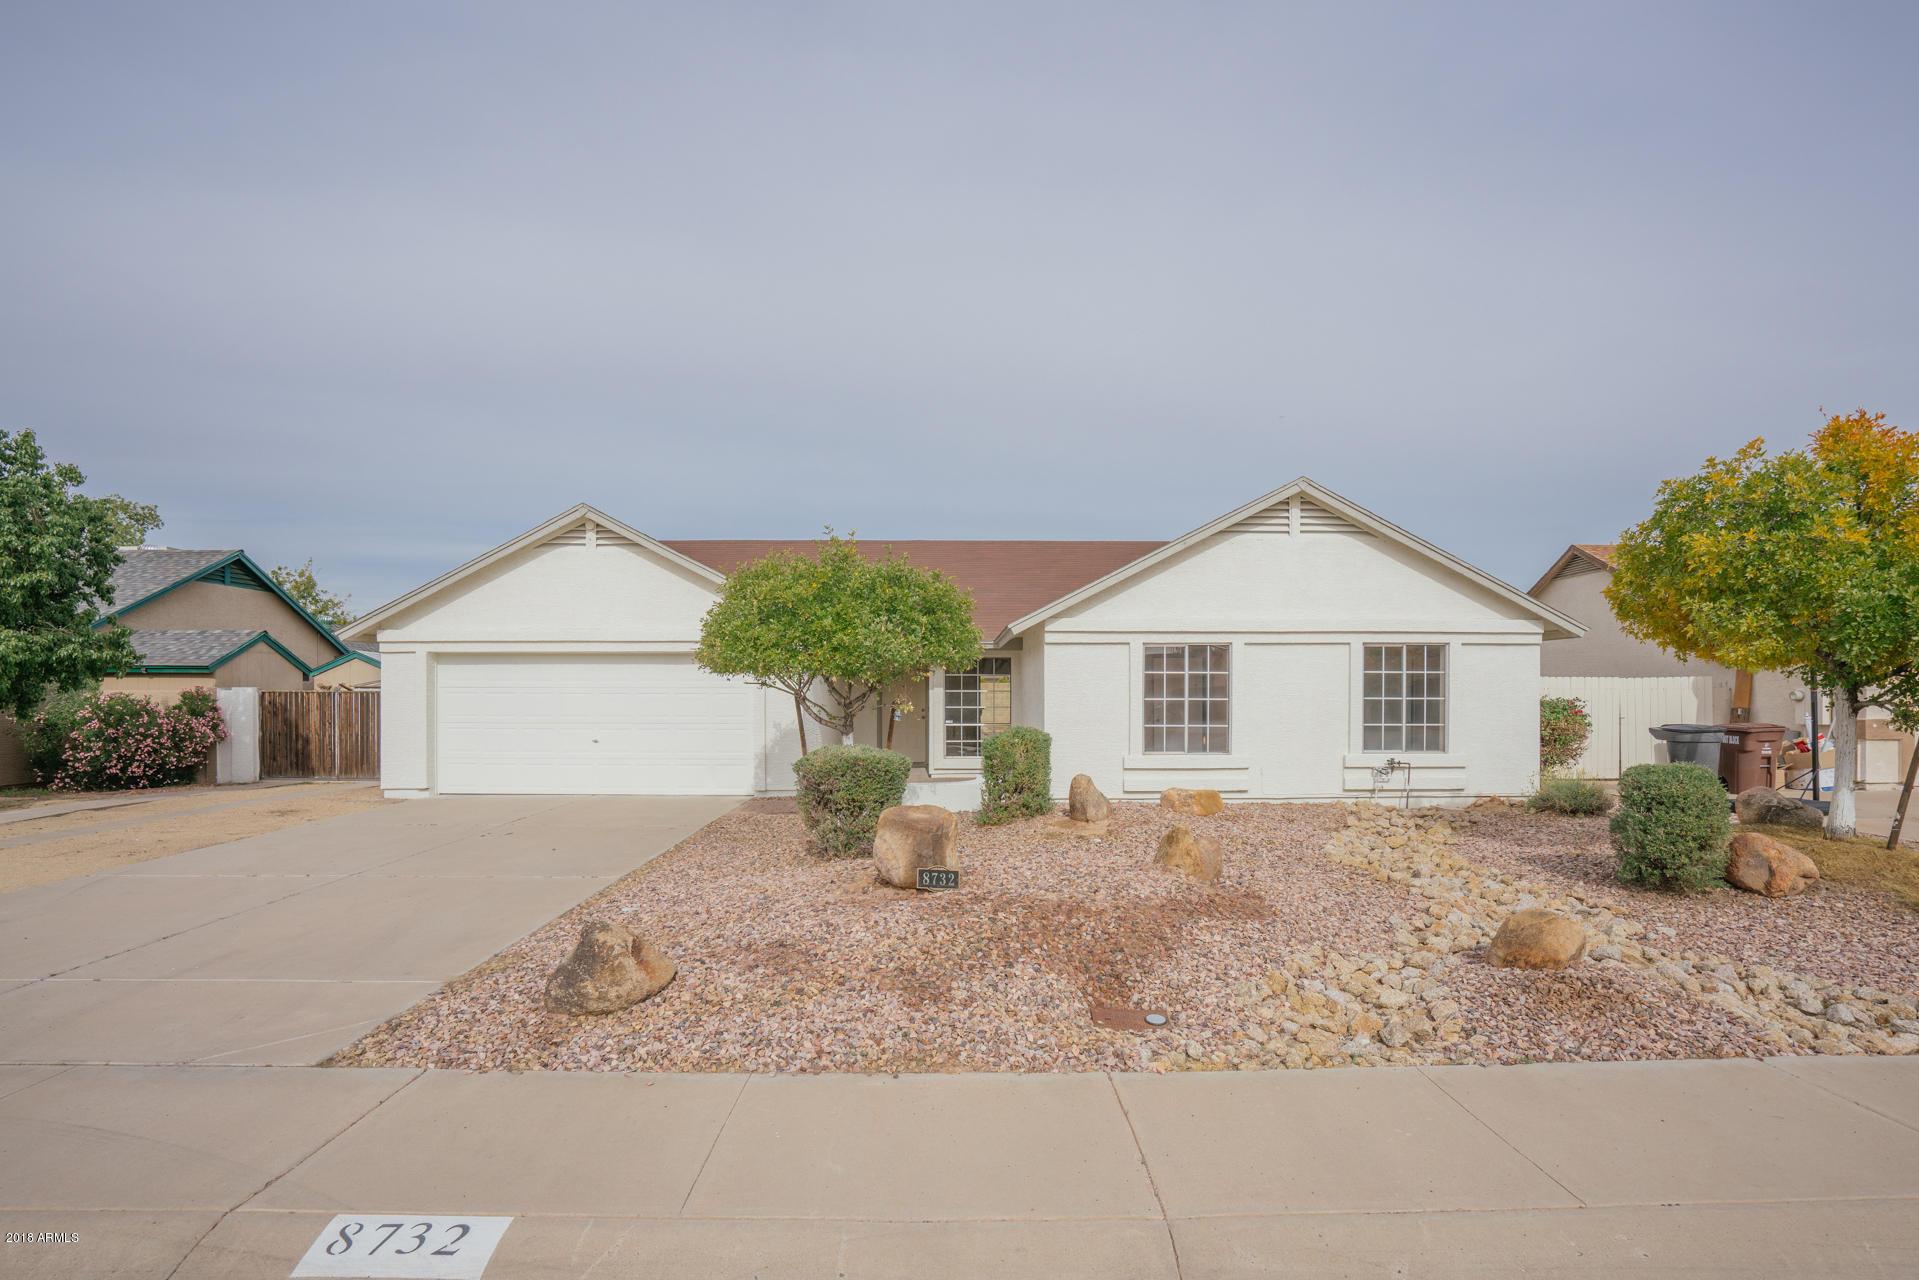 Photo of 8732 W TOWNLEY Avenue, Peoria, AZ 85345